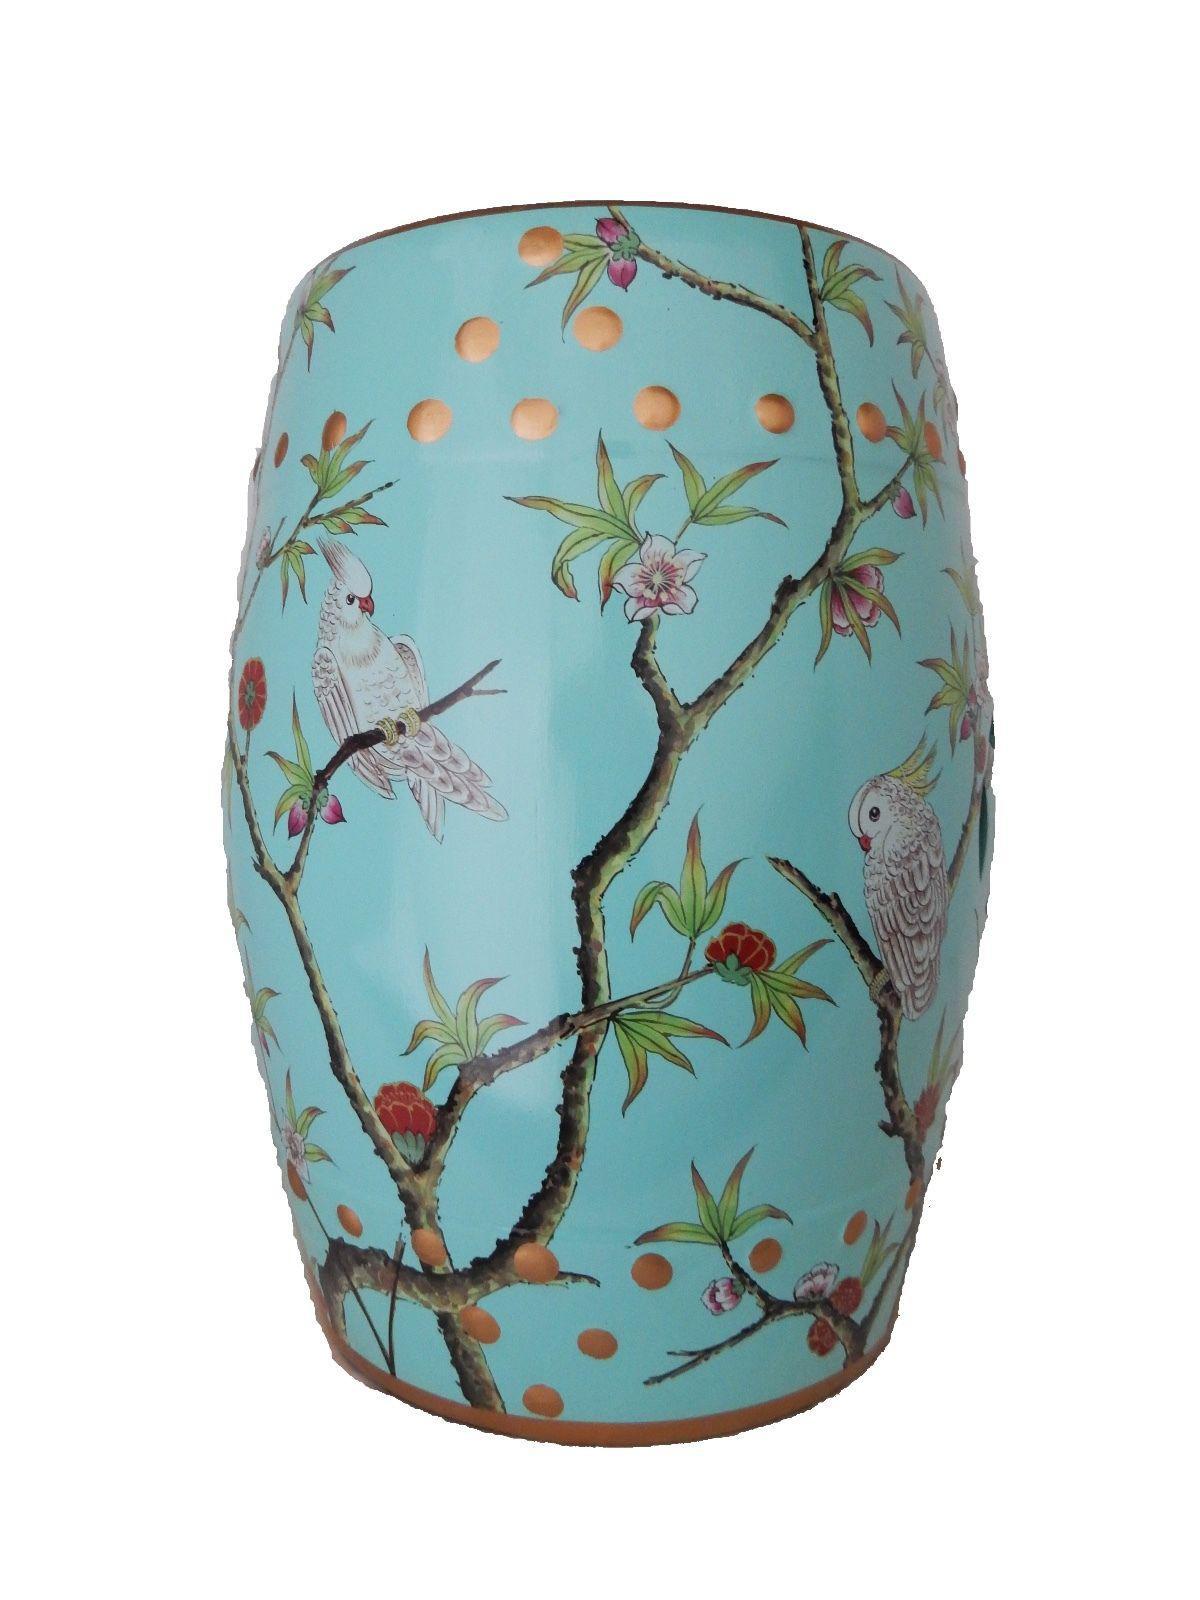 Turquoise Celadon Garden Stool - Image 3 of 6  sc 1 st  Chairish & Turquoise Celadon Garden Stool | Chairish islam-shia.org